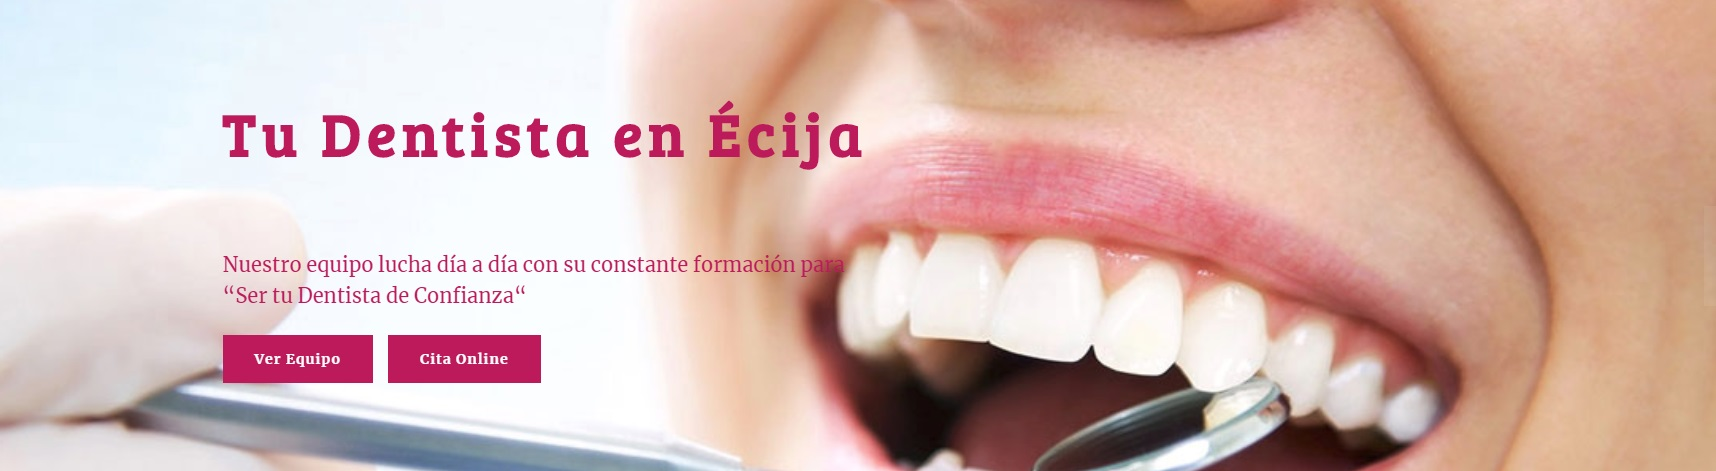 Madero Clínica Dental - Construcciones y Reformas Cebrero